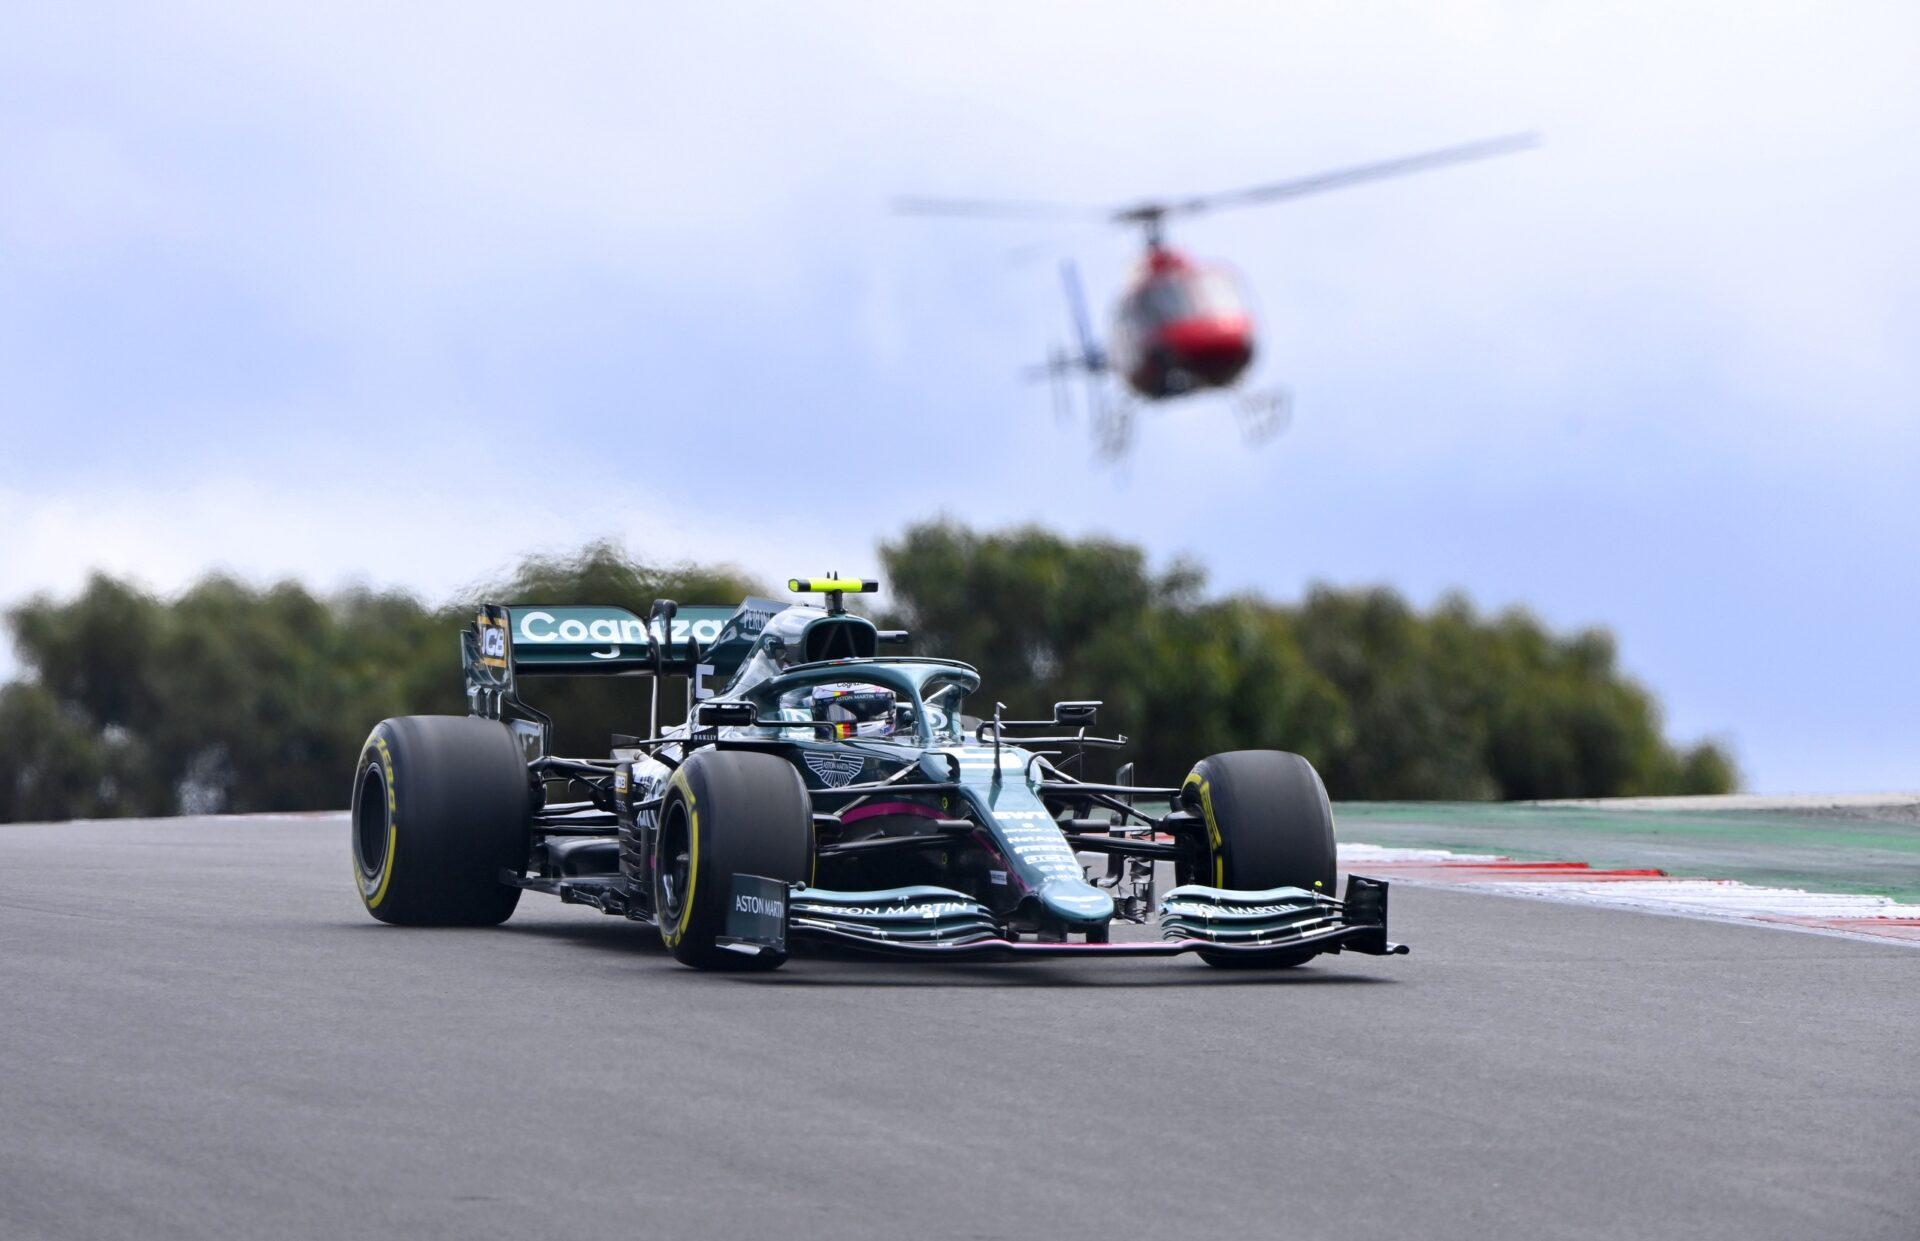 Ο Vettel στο top 10 μετά από 15 Γκραν Πρι